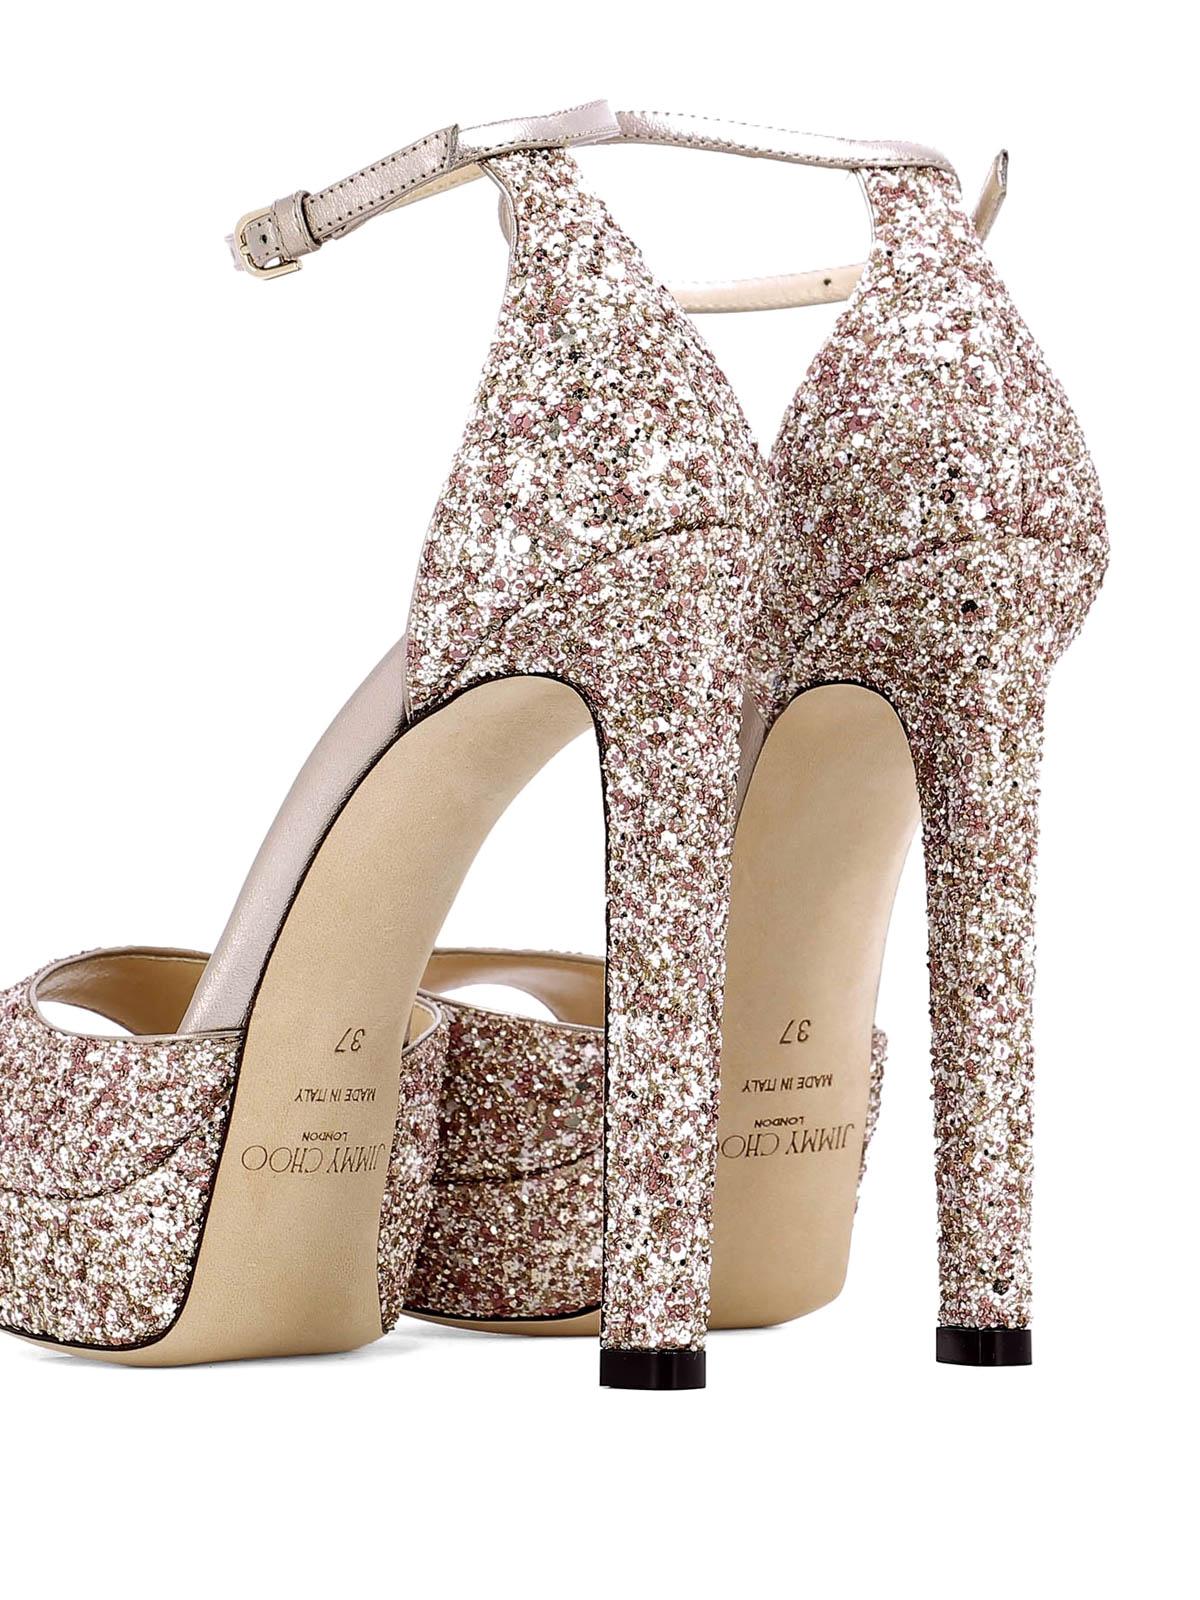 37987f883d9 iKRIX JIMMY CHOO  court shoes - Pattie 130 pink glitter platform sandals